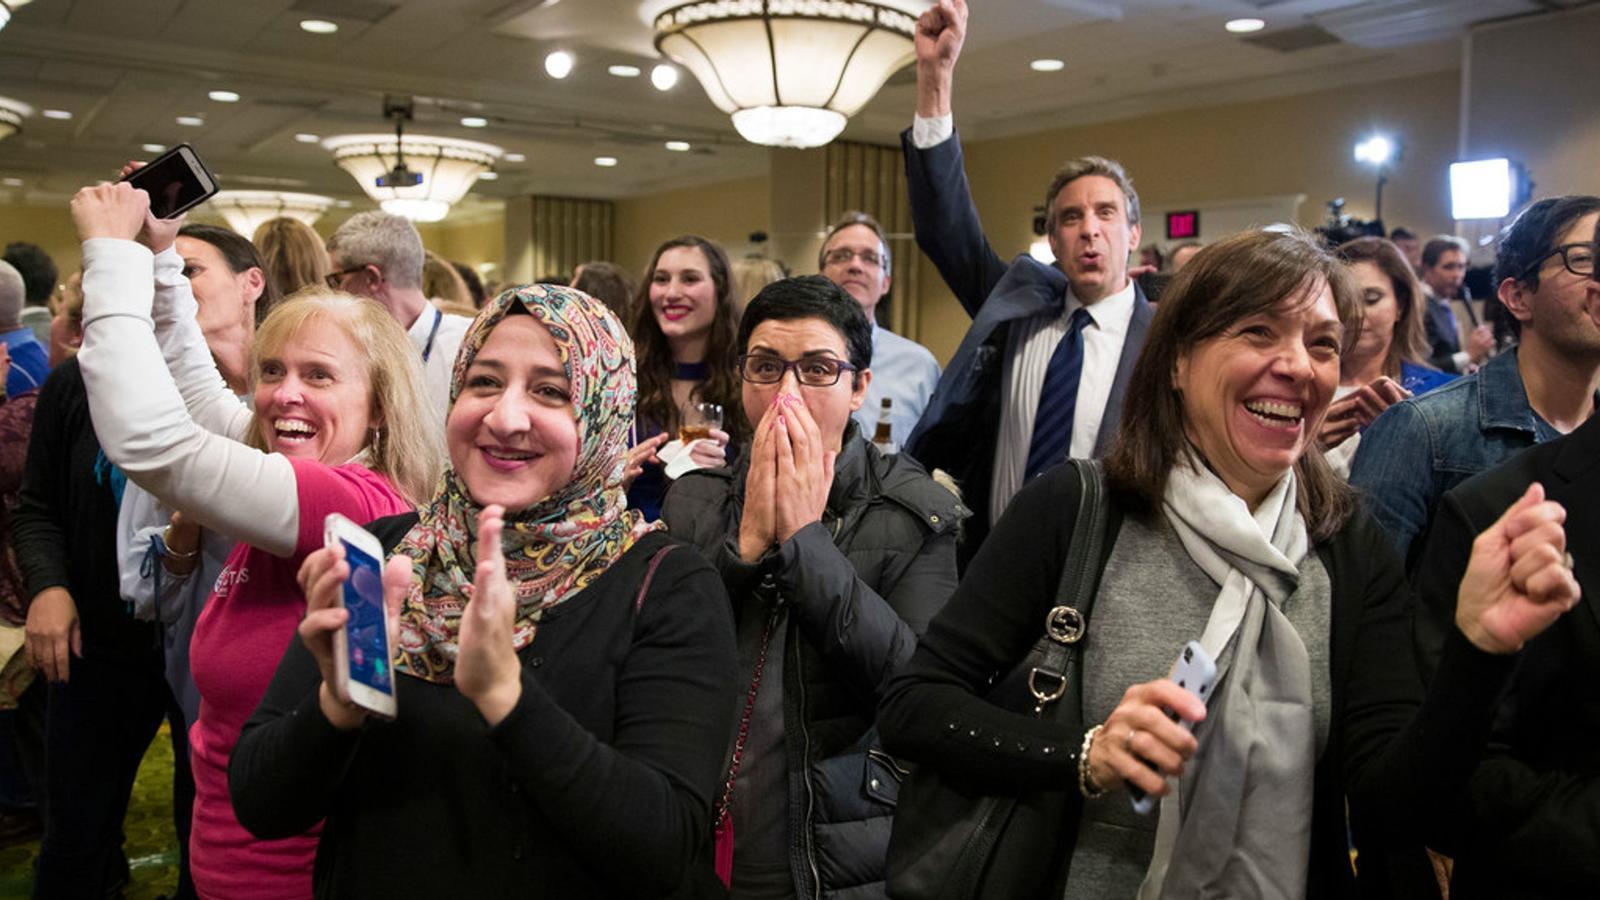 Els demòcrates guanyen a la cambra baixa però els republicans surten reforçats al Senat